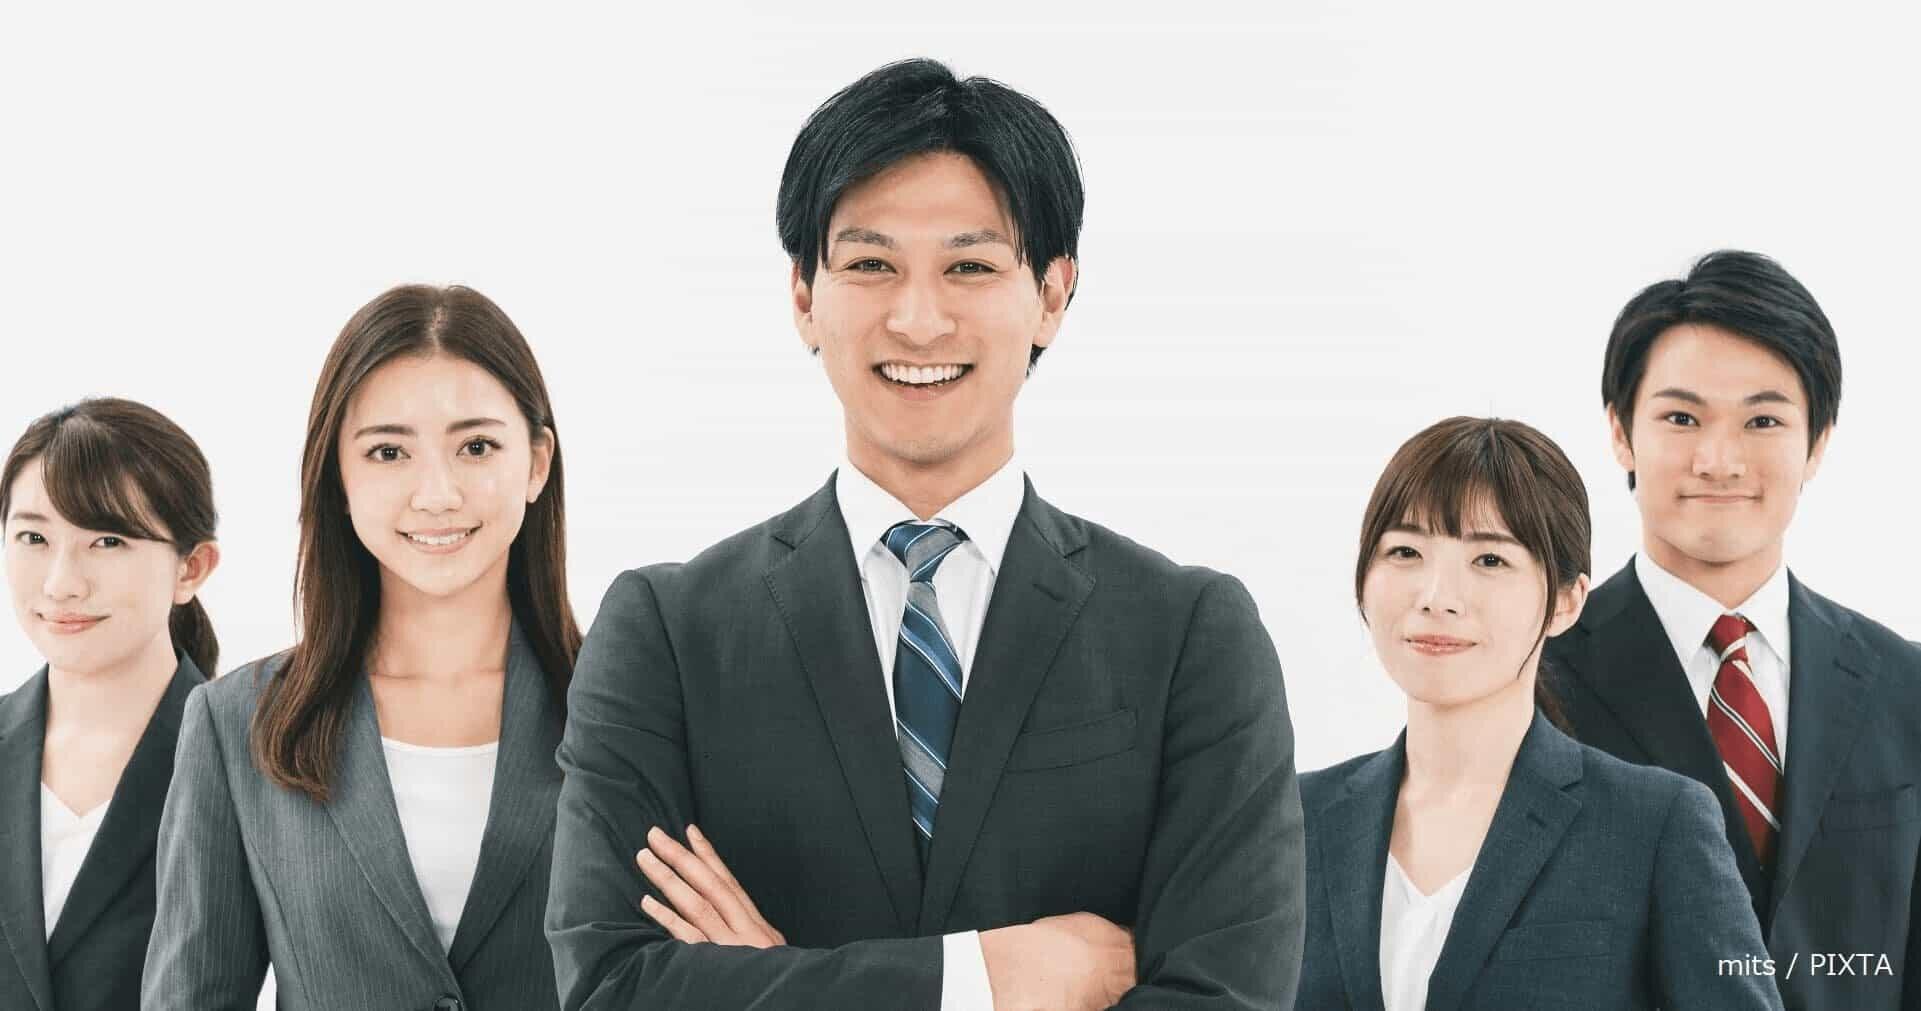 【第1位】係長に期待される役割とあるべき姿